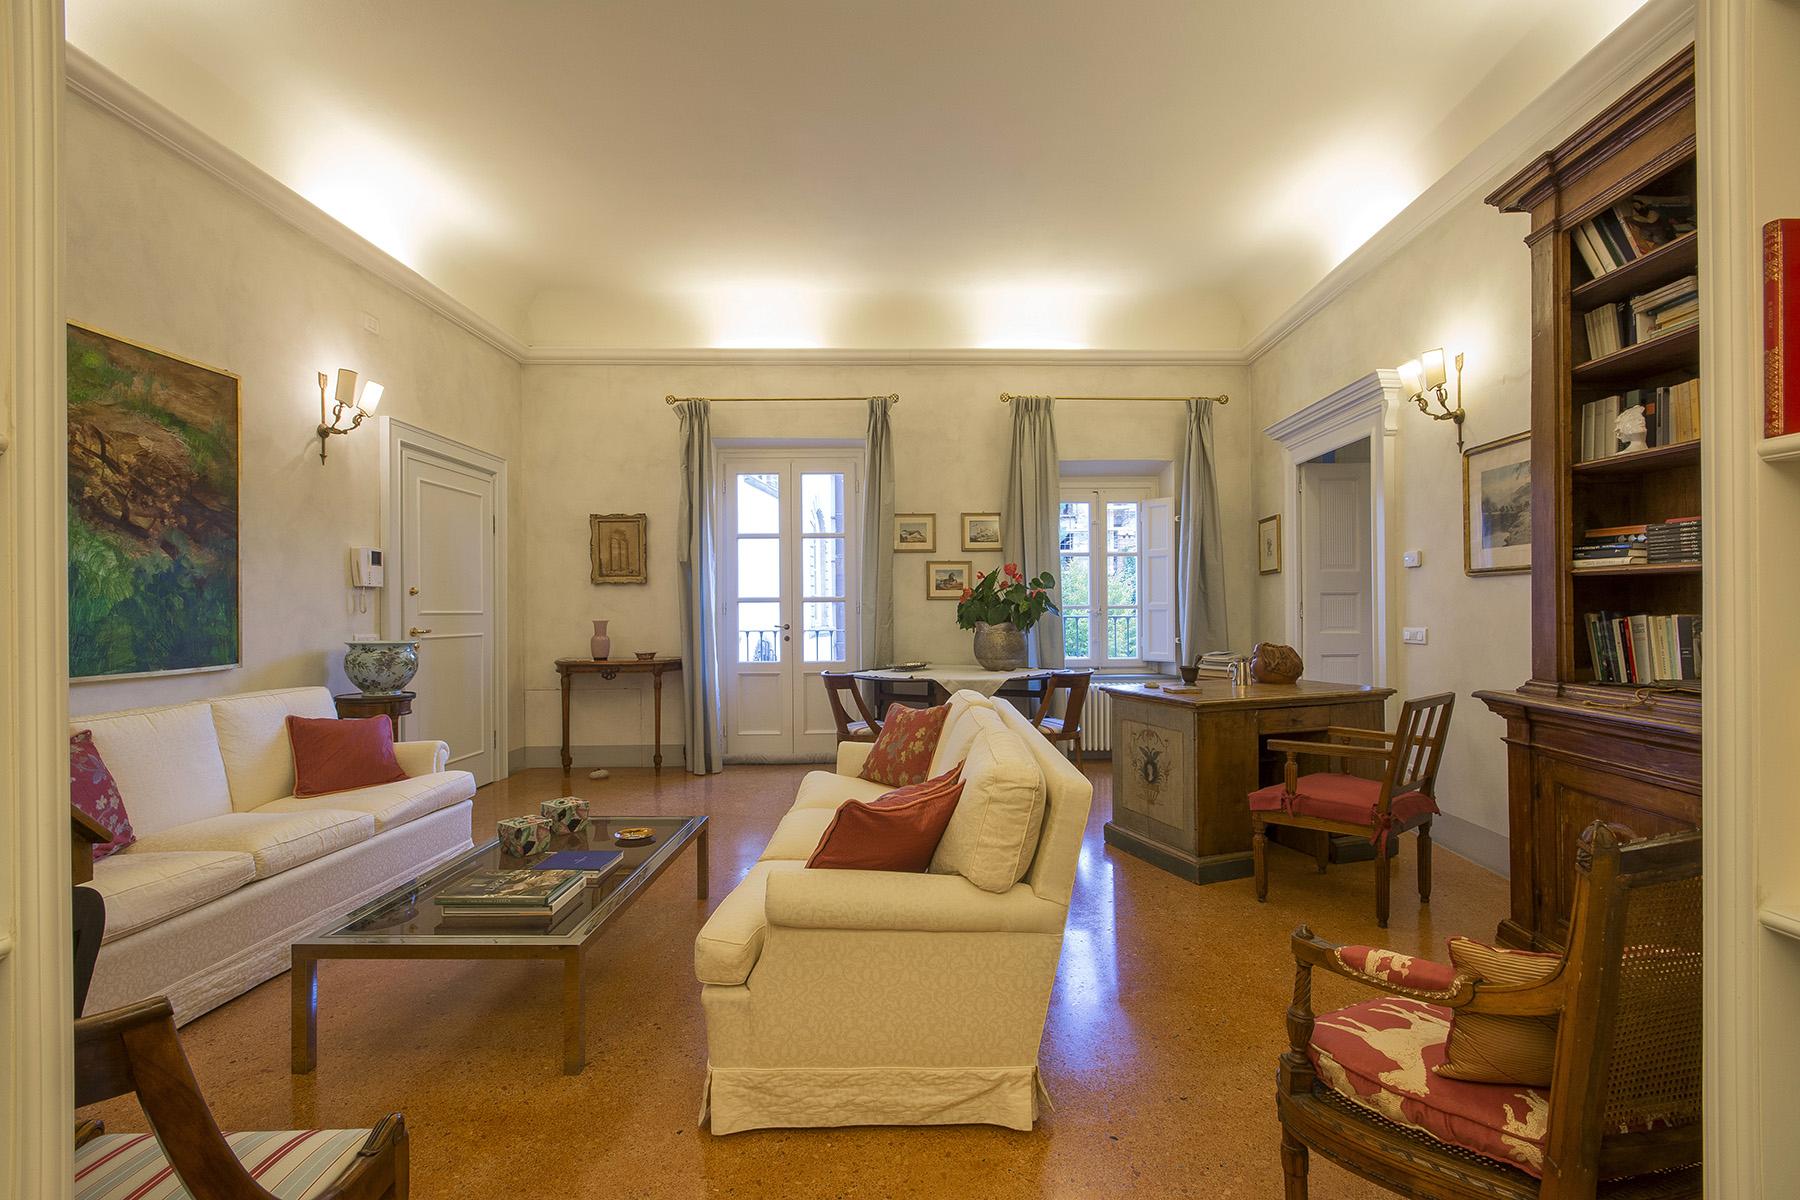 Appartamento in Vendita a Lucca: 5 locali, 86 mq - Foto 1